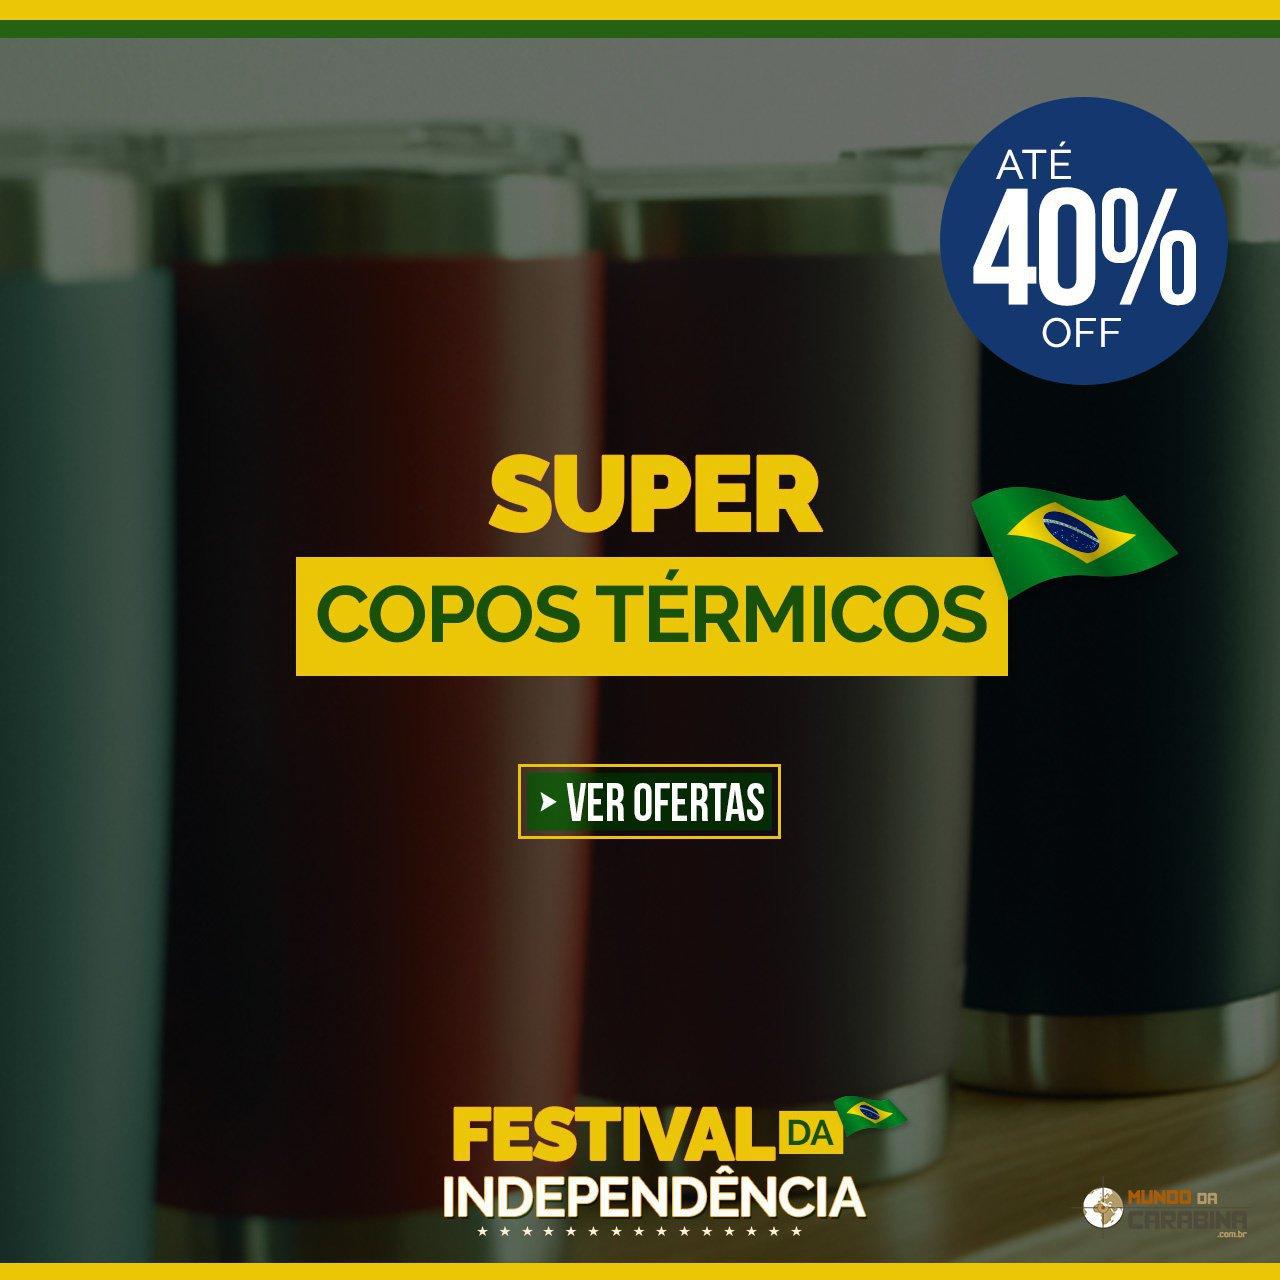 SUPER COPOS TÉRMICOS - ATÉ 40% OFF